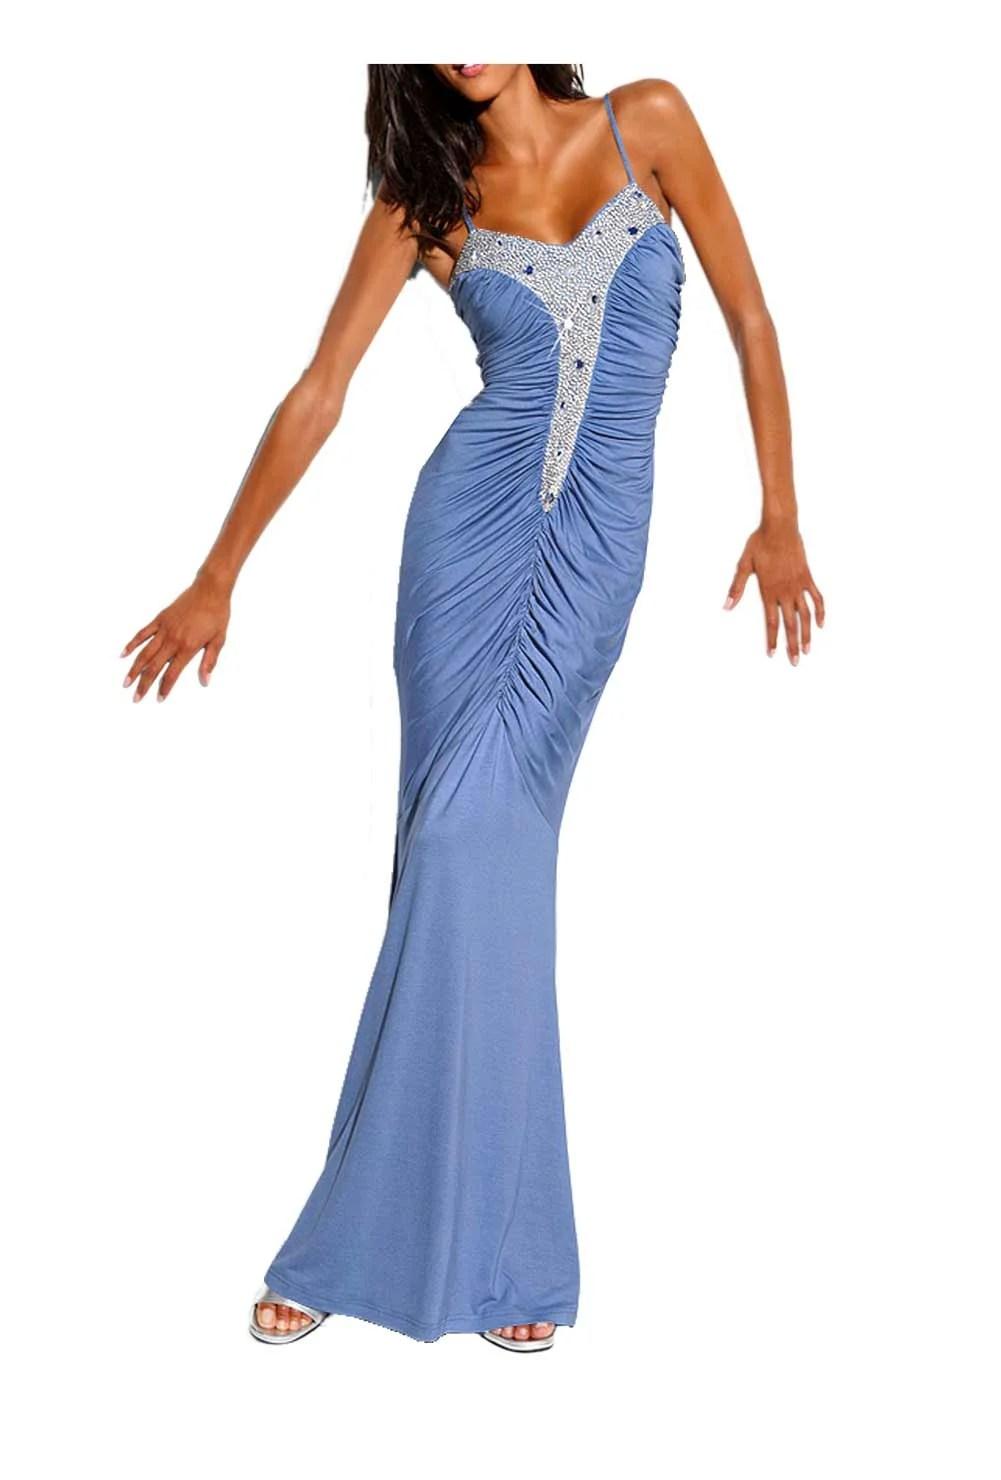 Festmoden Abendkleid blau von Carry Allen by Ella Singh Grösse 42 067.894 Missforty